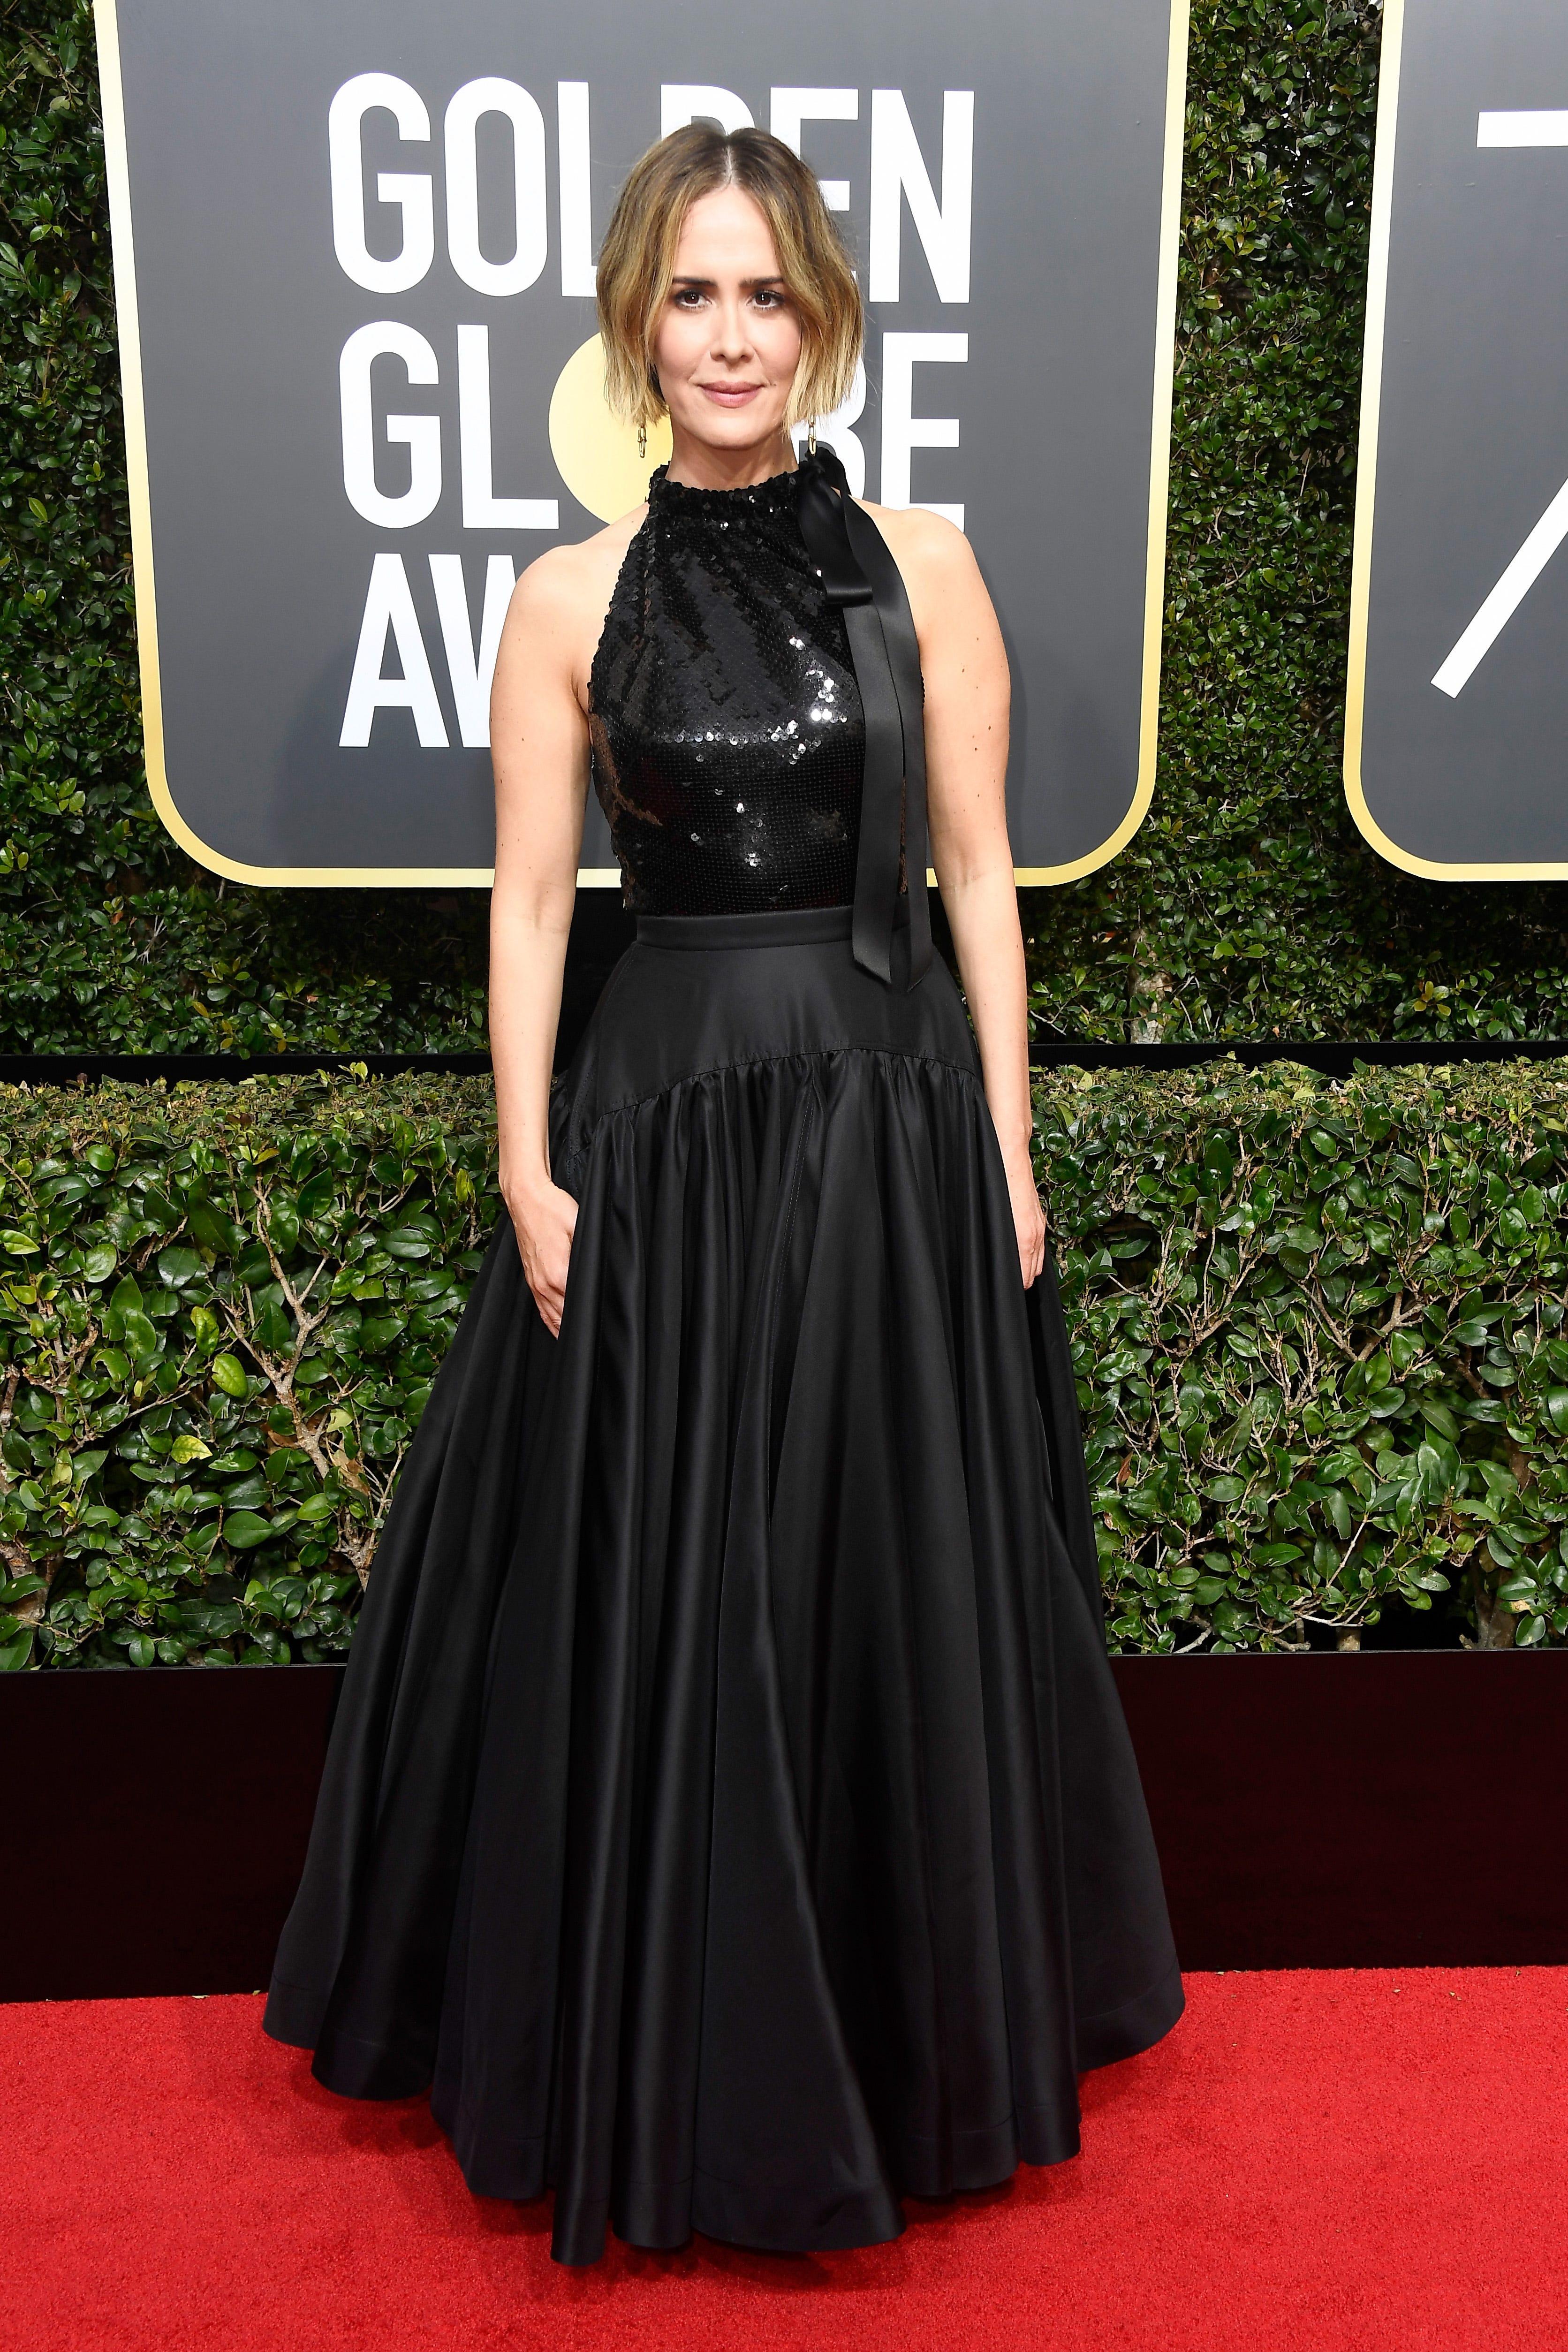 Best Dressed Golden Globes Red Carpet 2018 Black Jolie Clothing Dakota Long Dress